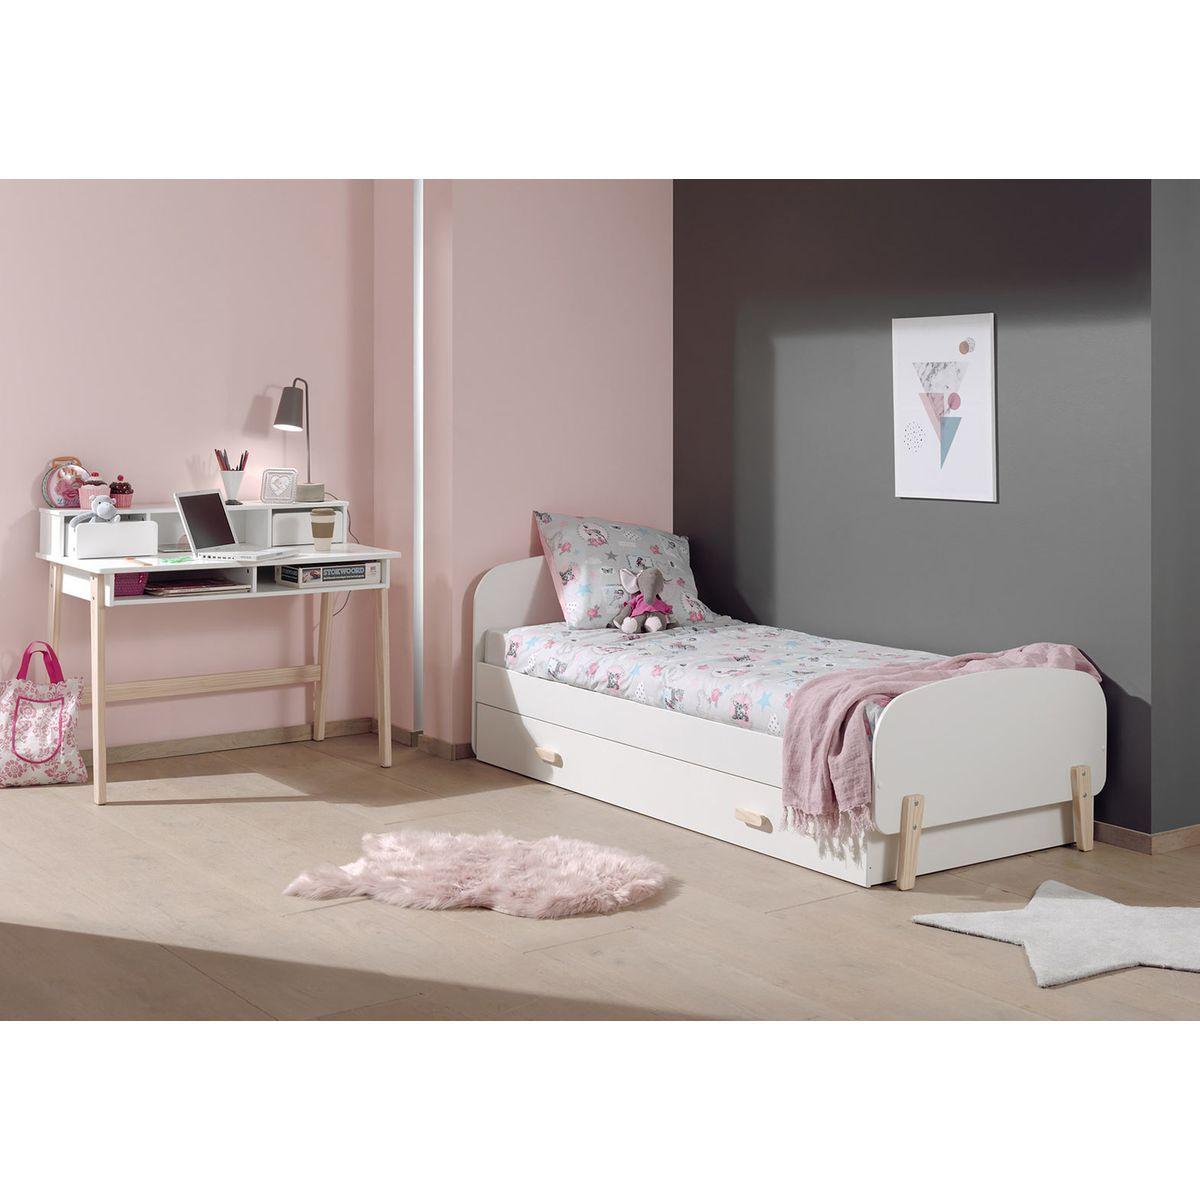 Lit Enfant Dream Tiroir Lit Taille 90x200 Cm Furniture